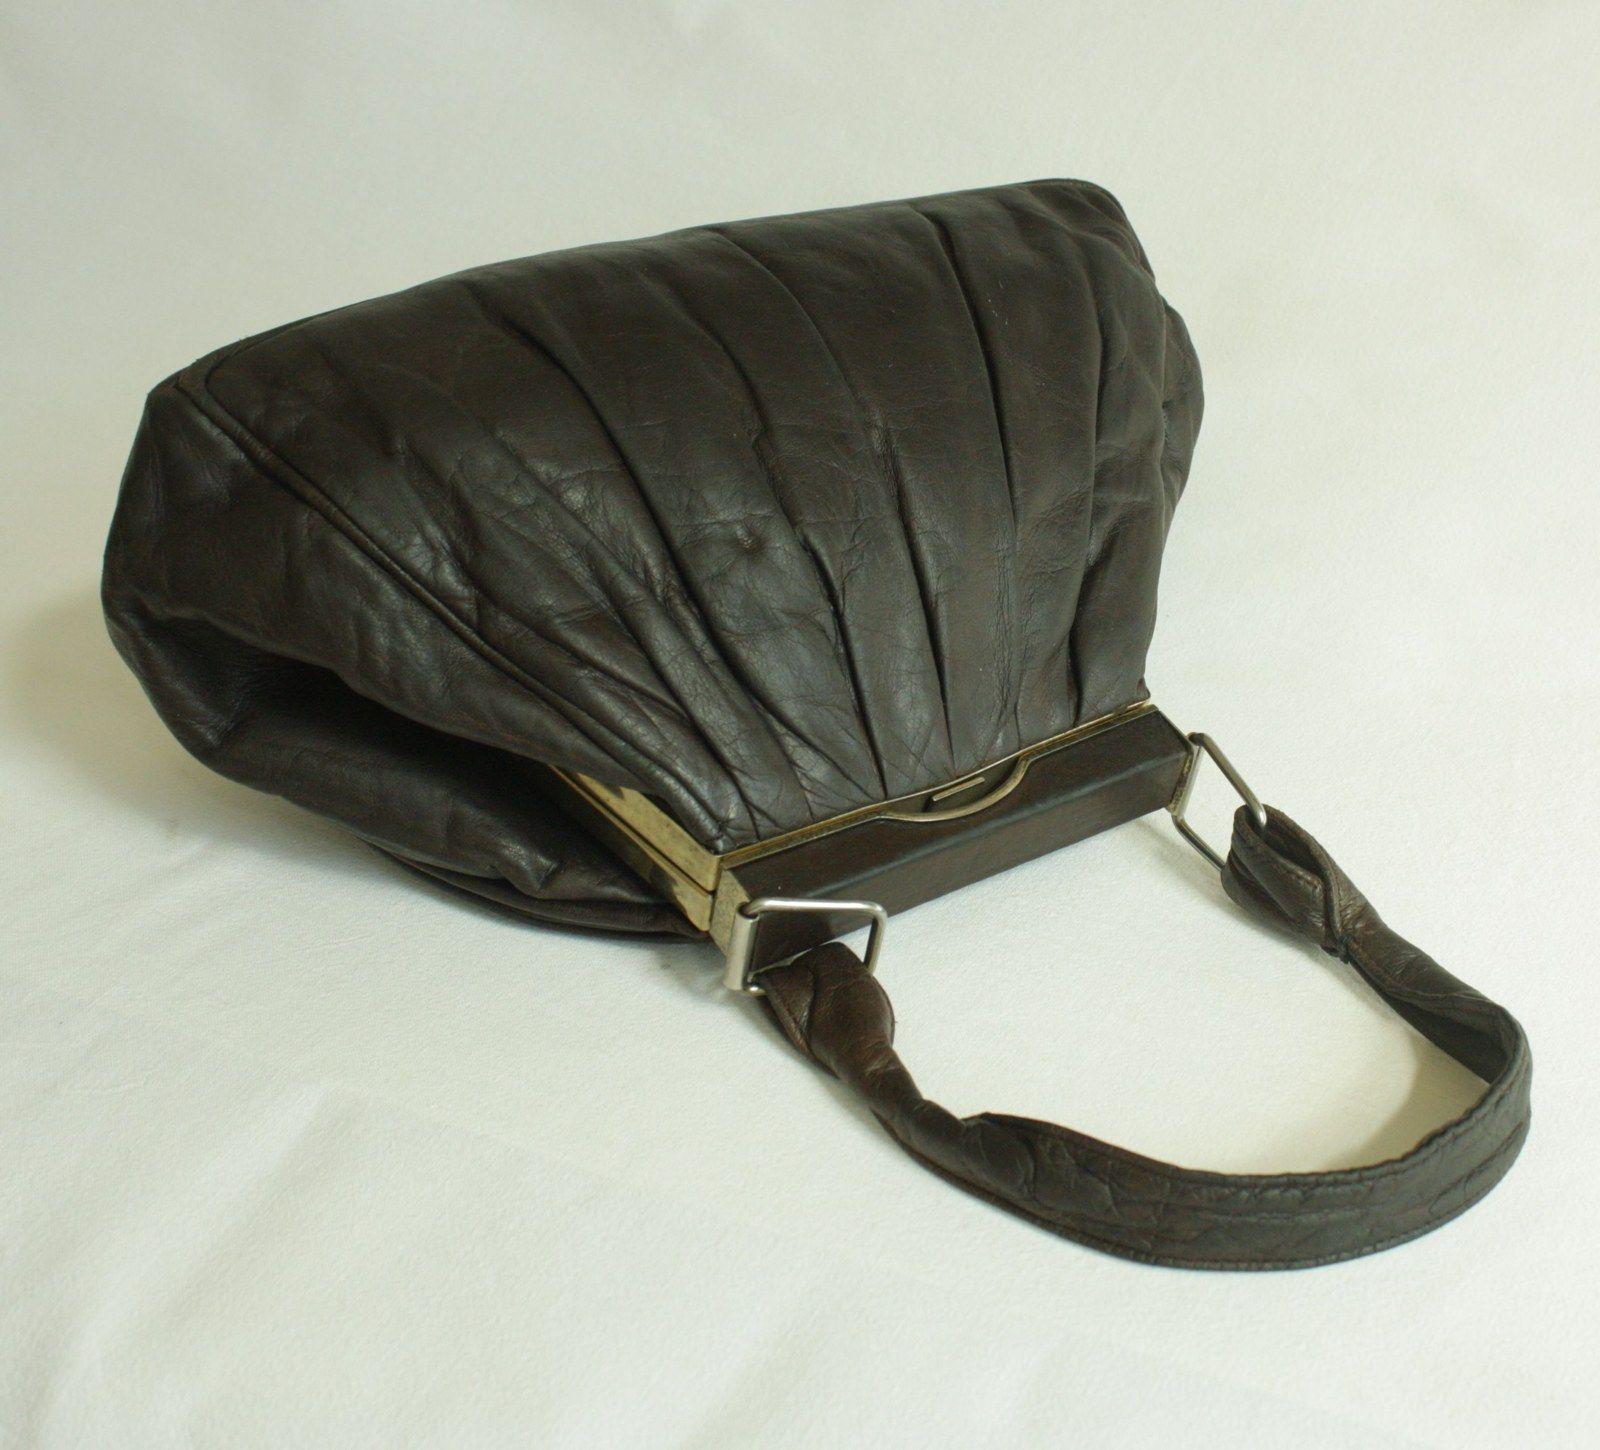 cf212b9ab2 Kabelka z jemné kůže pro milovnice první republiky Krásná prvorepubliková  kabelka z hnědé jelenice. Má kónický tvar